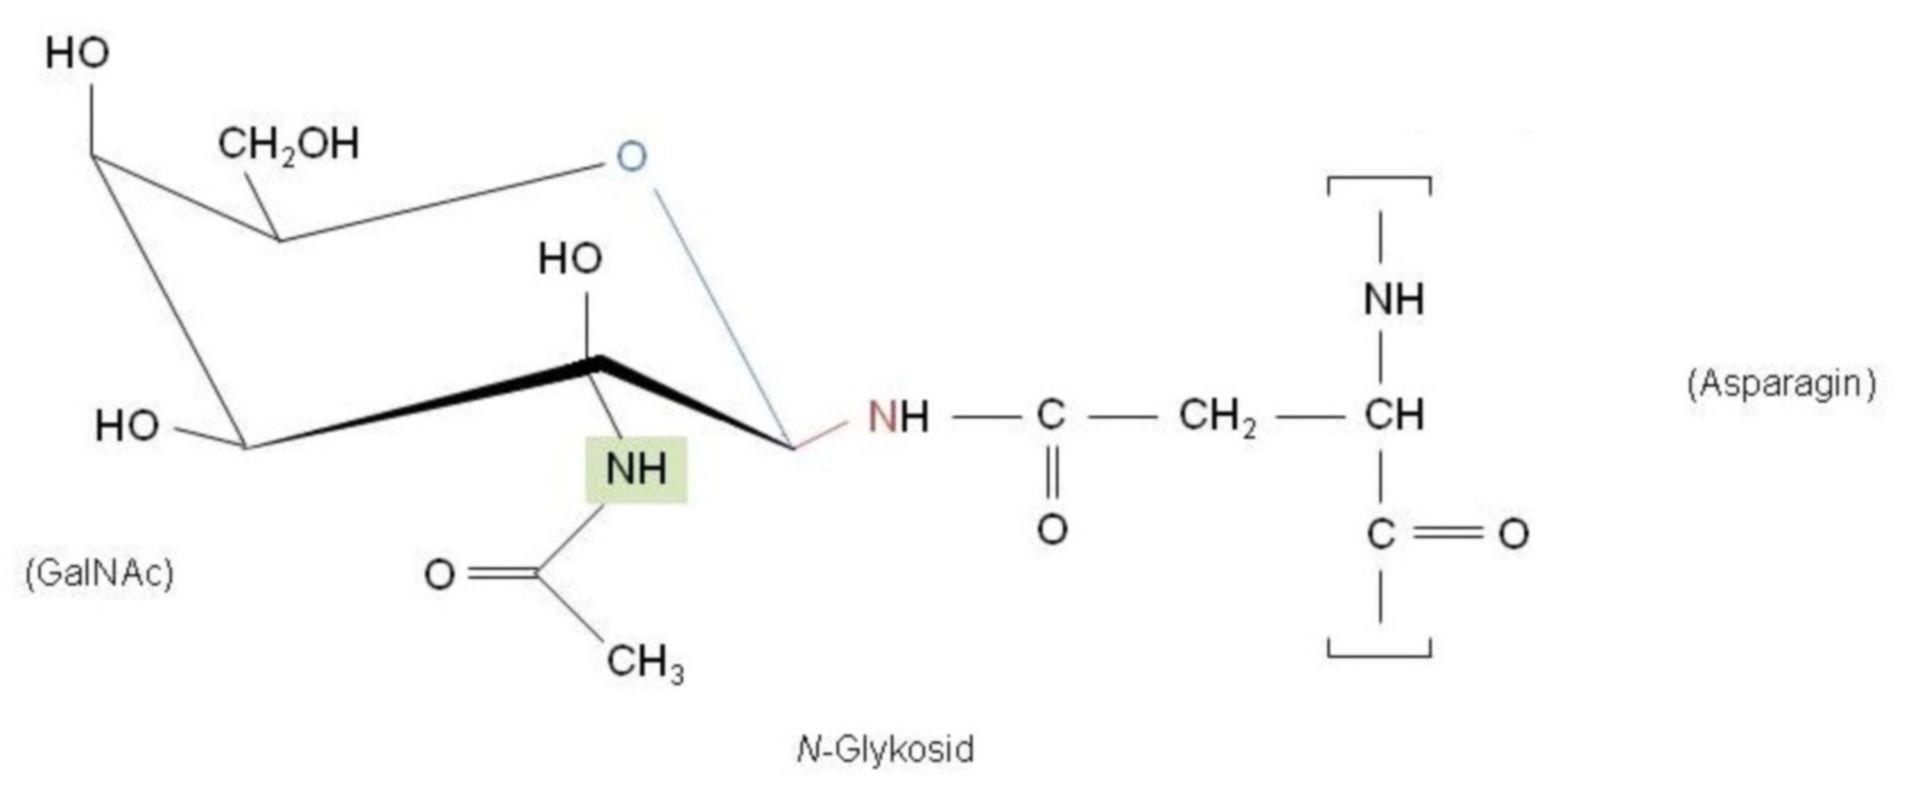 N-Glykosid